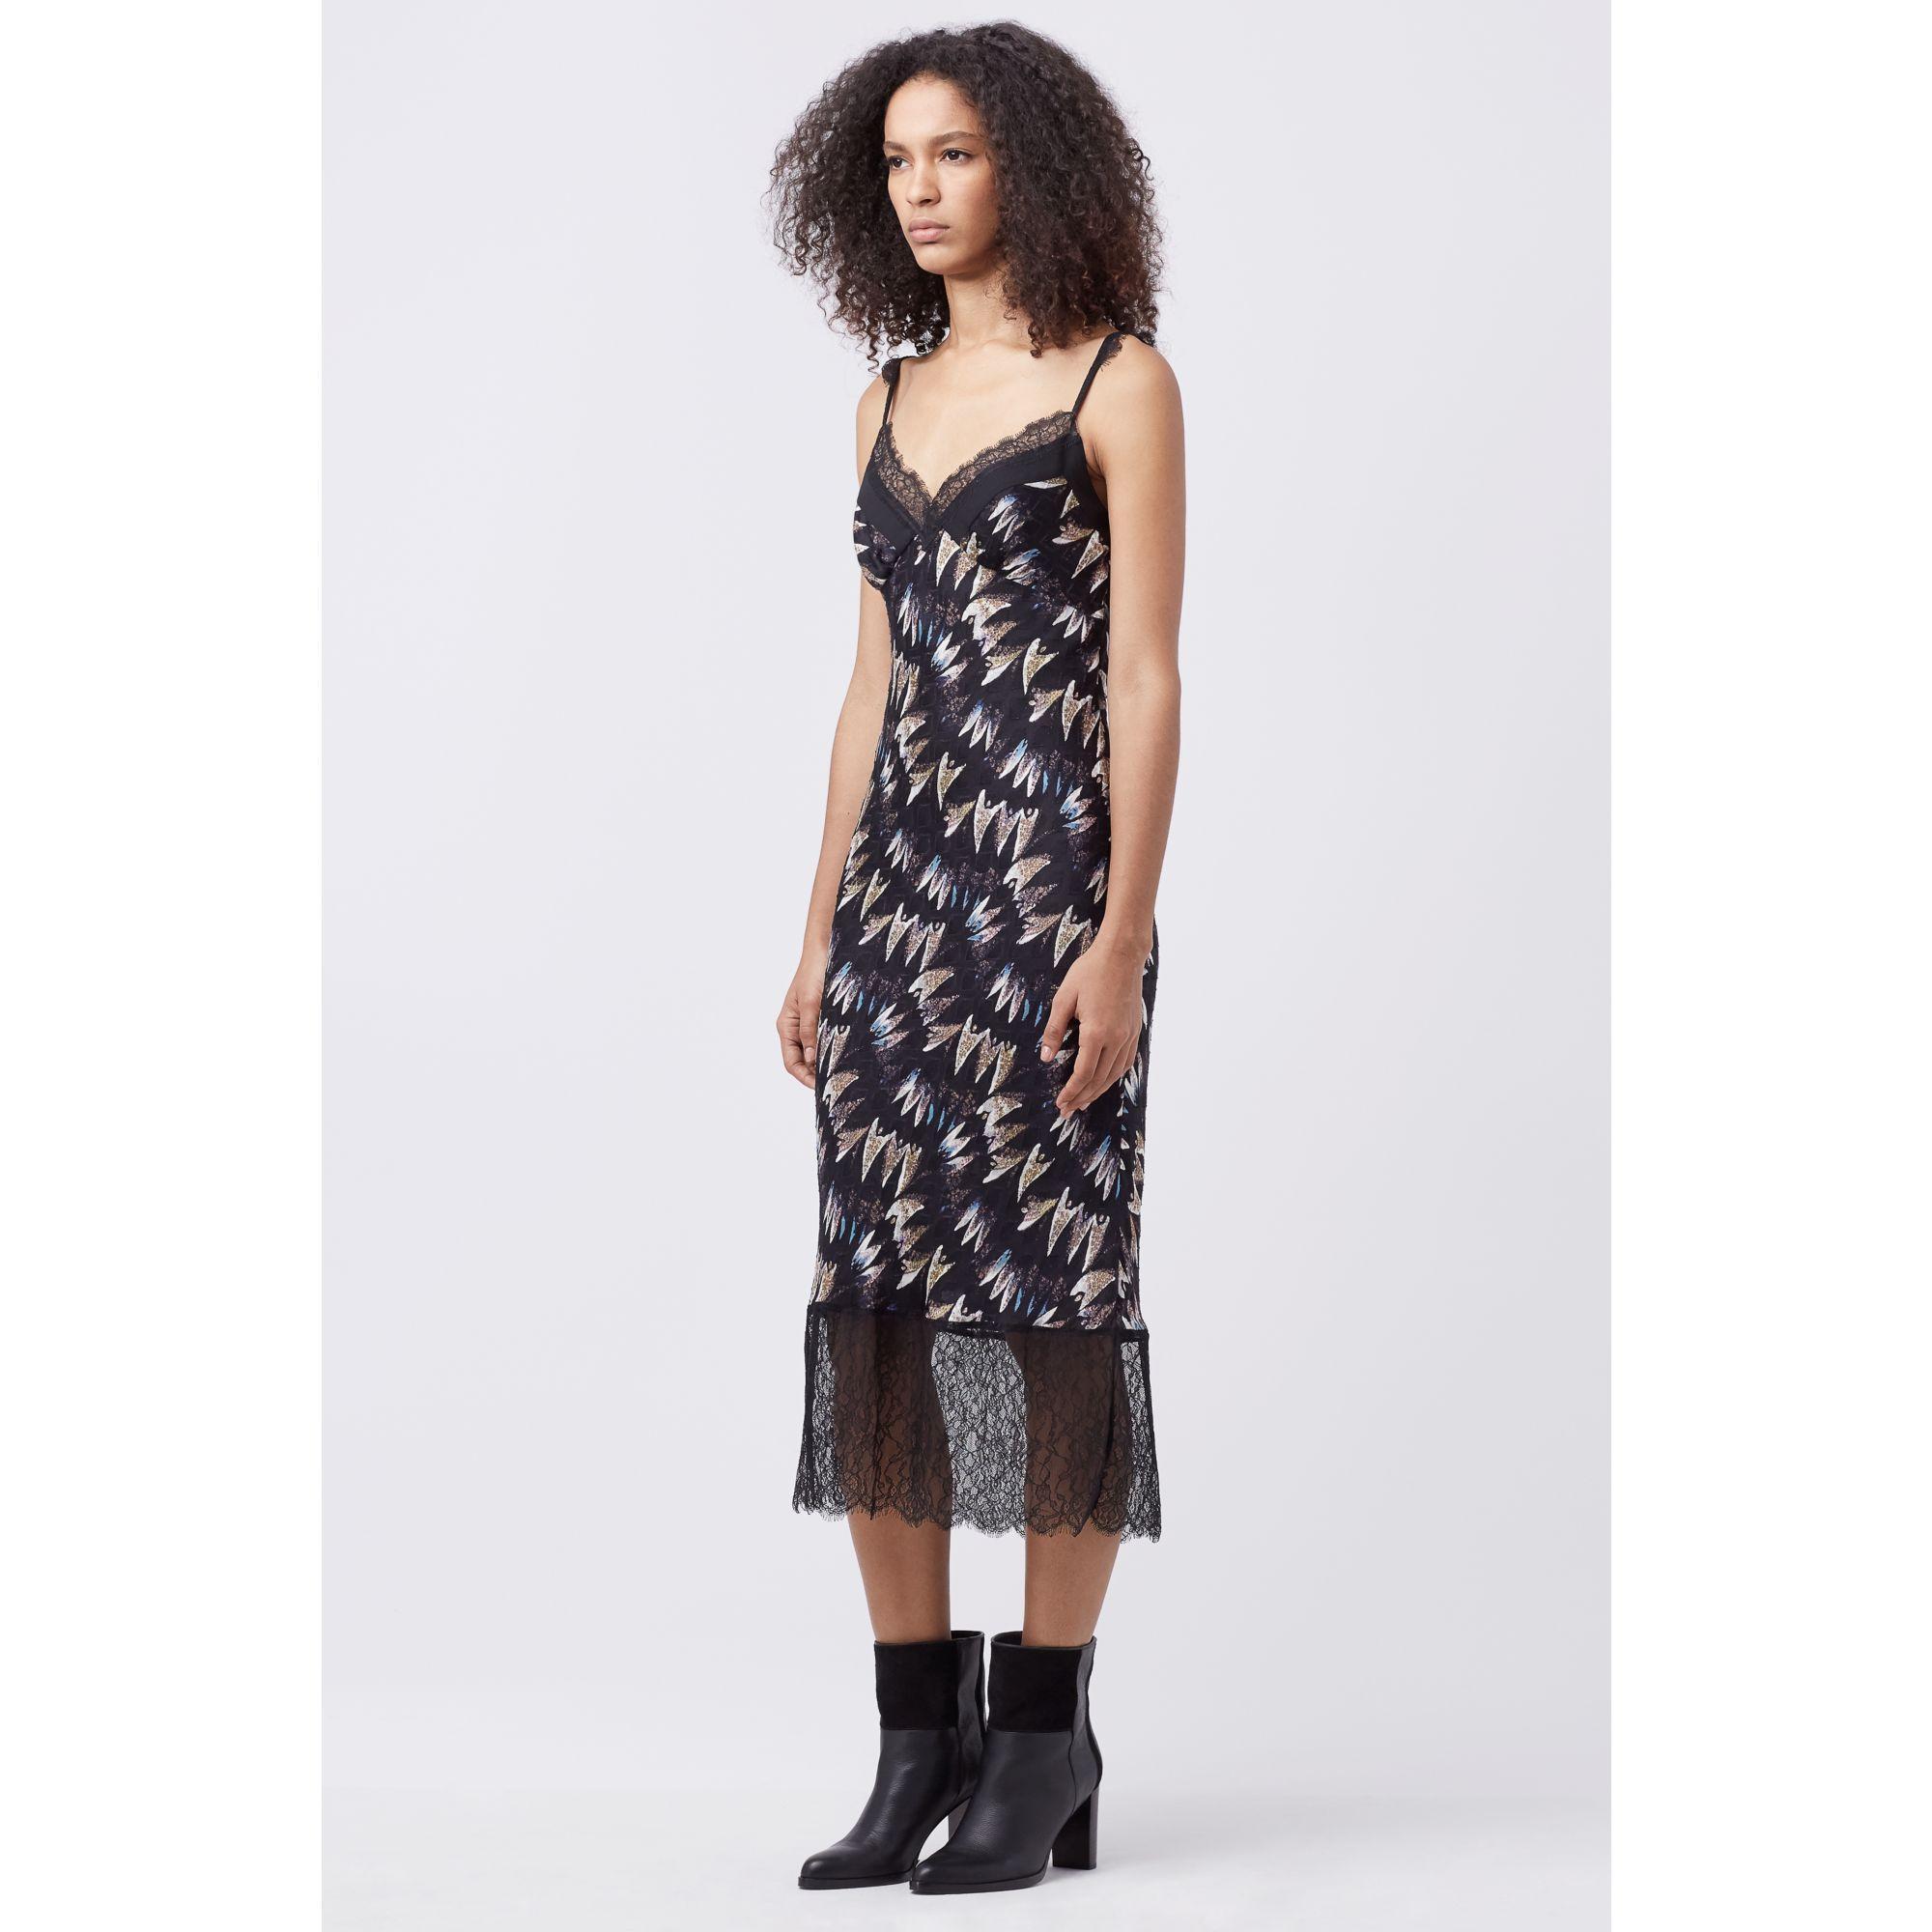 ea53df3bef1a4 Lyst - Diane von Furstenberg Dvf Margarit Silk Slip Dress